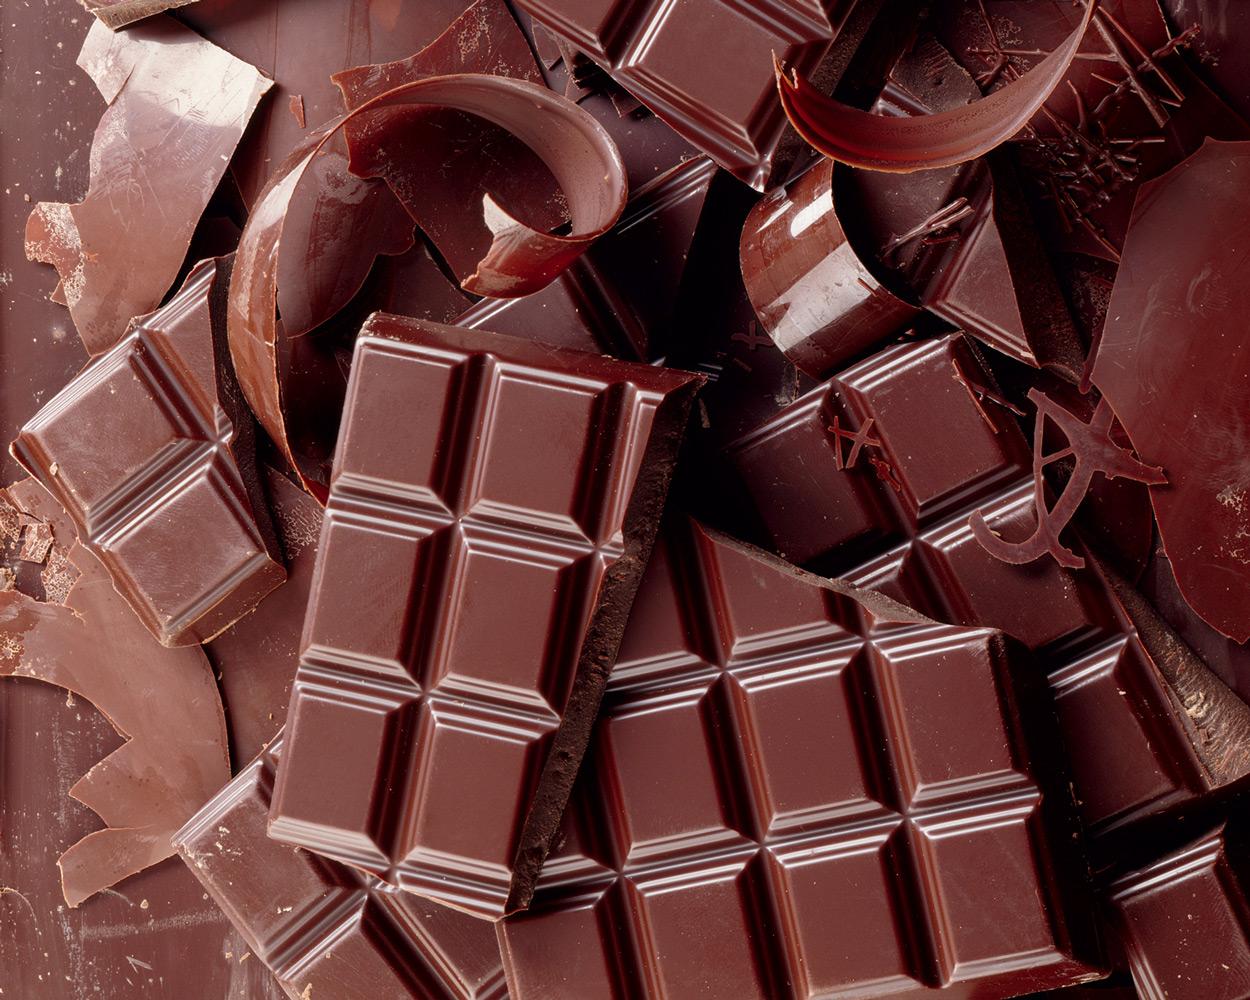 Шоколад в картинках и фото